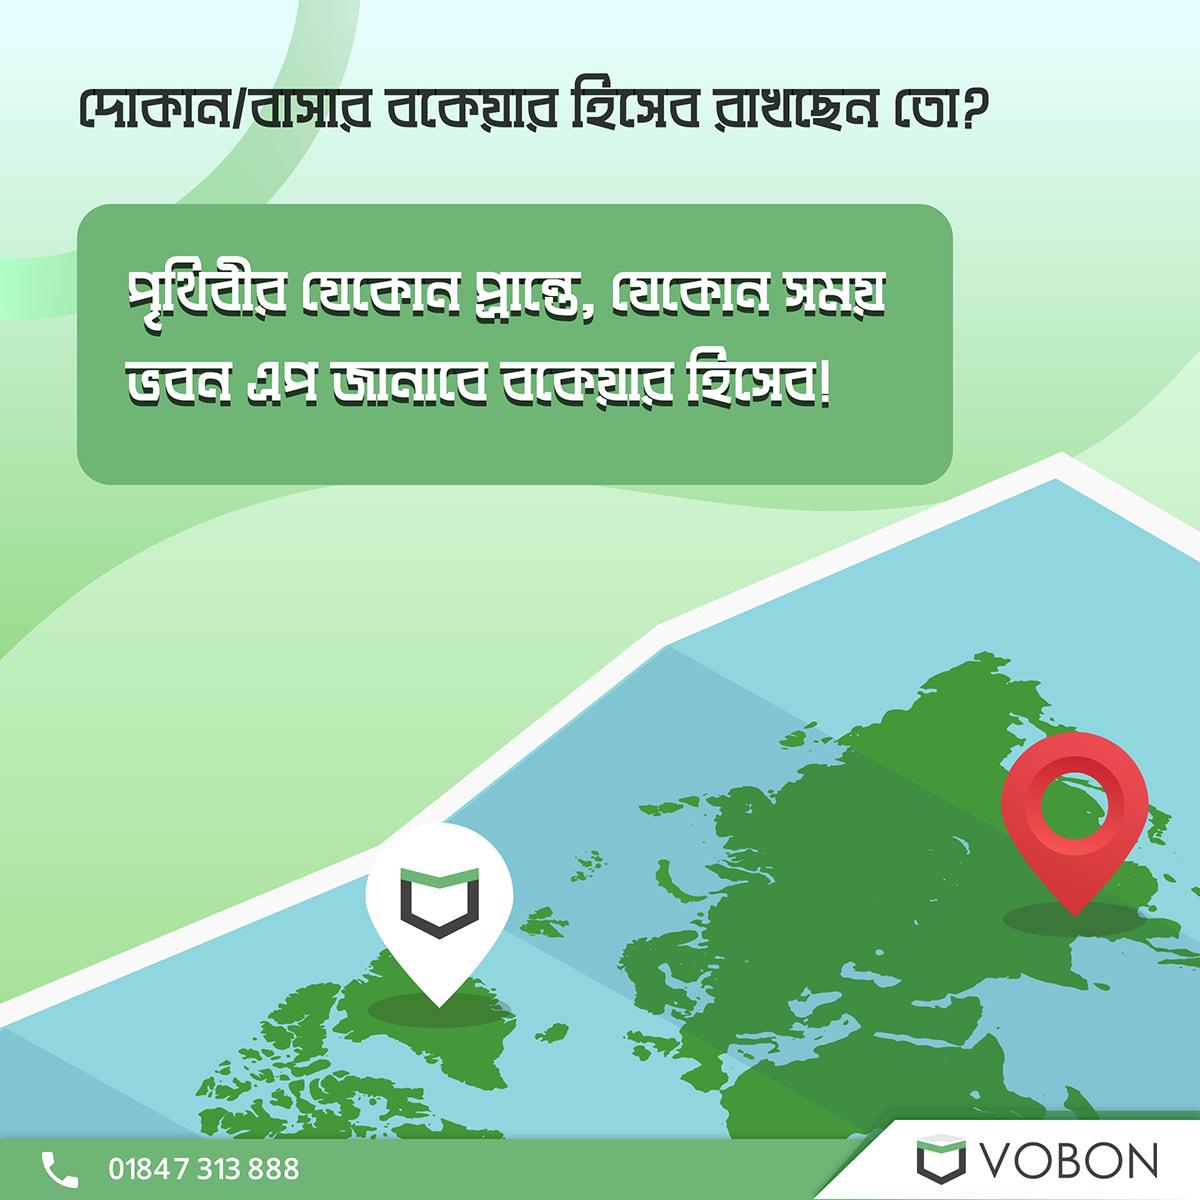 Image may contain: screenshot, cartoon and map